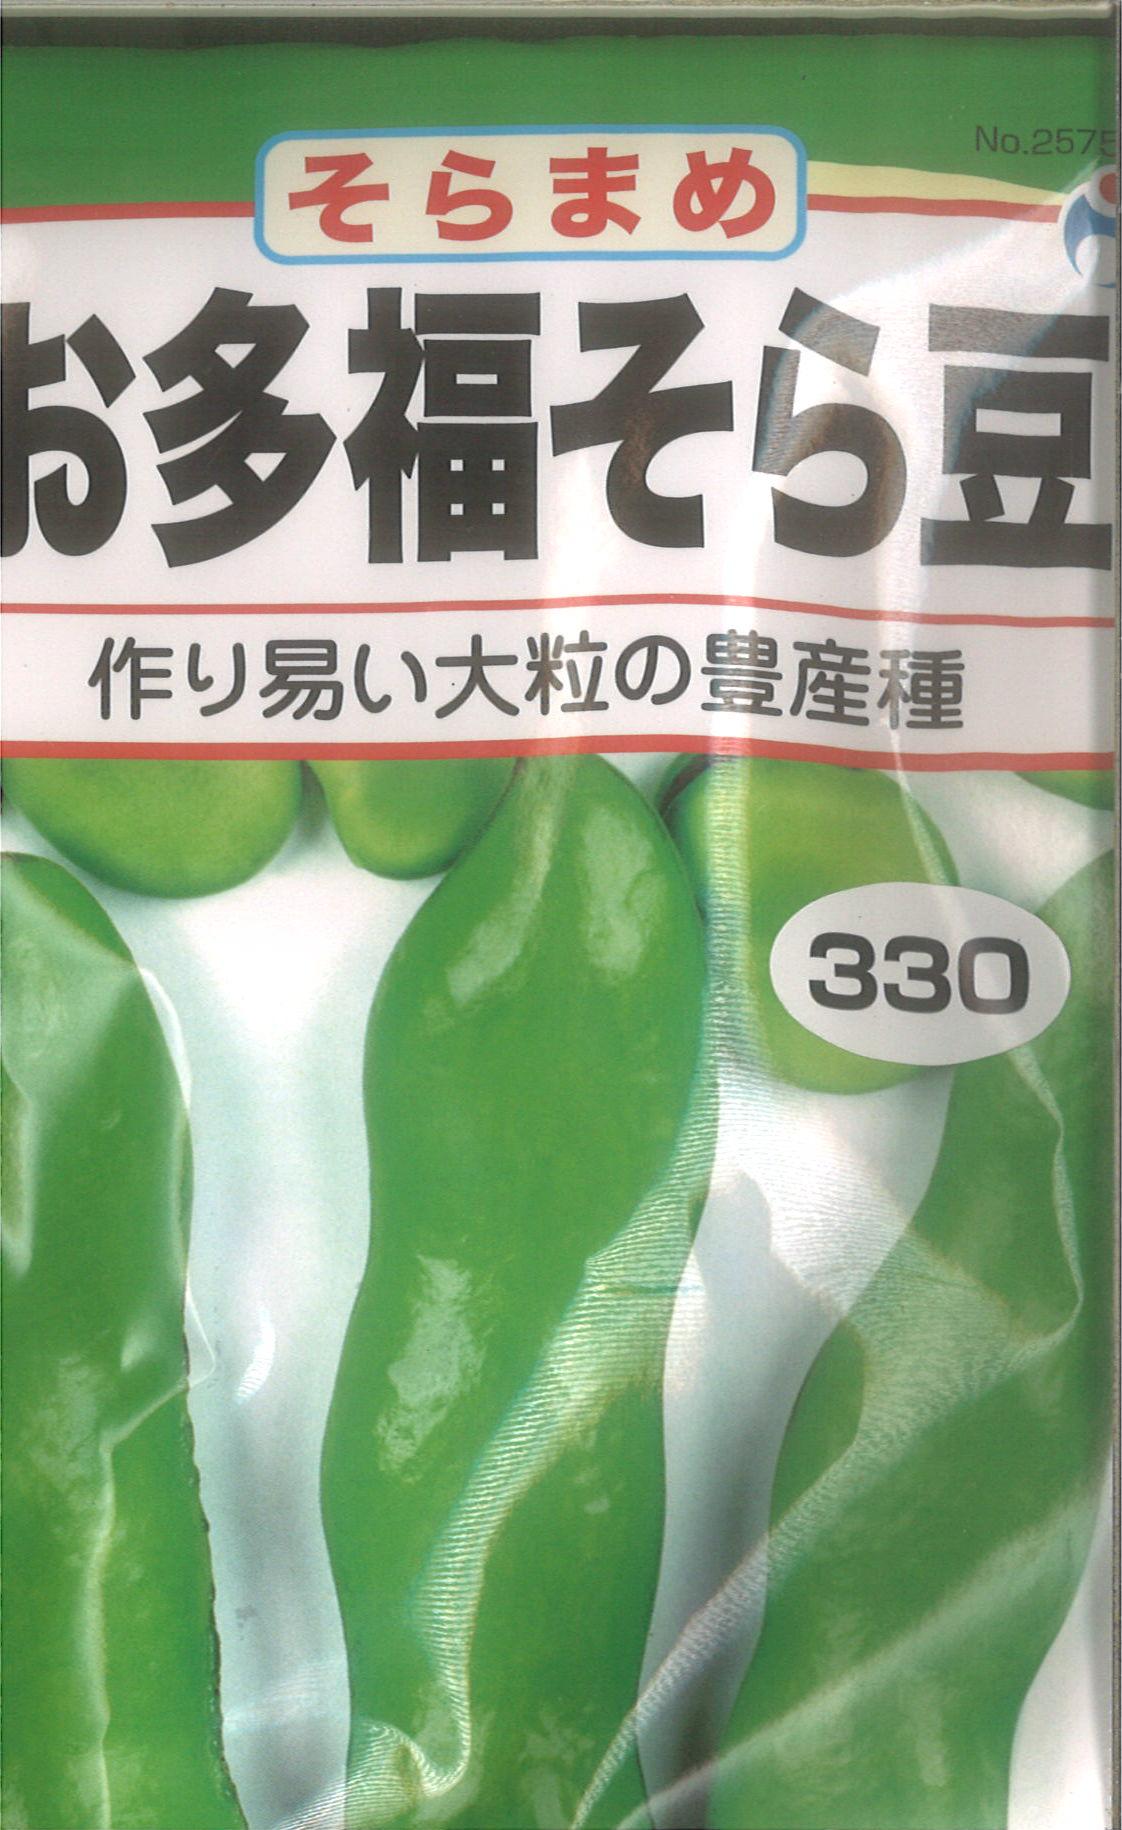 【代引不可】【5袋まで送料80円】□お多福そら豆 L